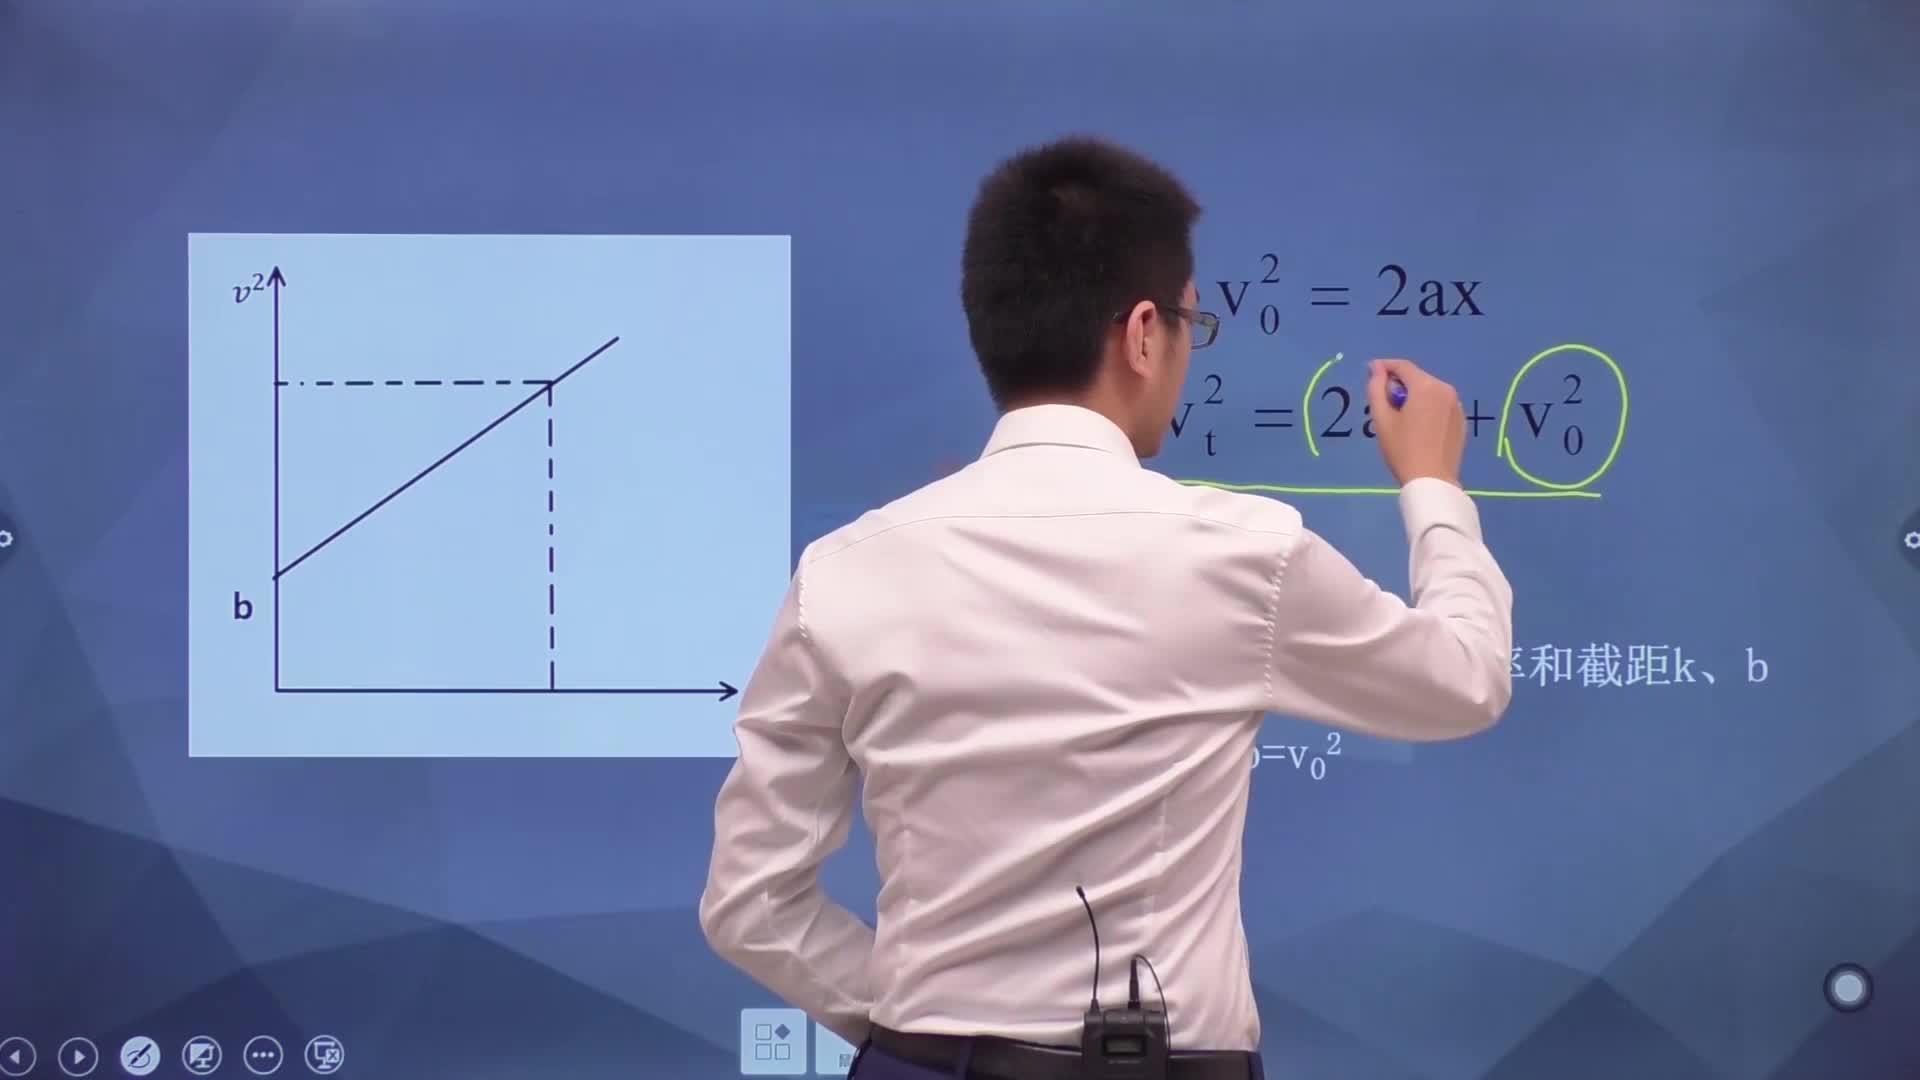 我们会教你什么 分知识点为你梳理所有高考物理涵盖的题目 针对知识点为你总结万能物理解题模型 梳理历年真题总结常见考点及模型使用前提 让你看到题目就能 一秒提取解题模型,复杂问题简单化 从根本上克服物理畏难情绪 打造专属你的物理终极提分方案!   [来自e网通客户端]